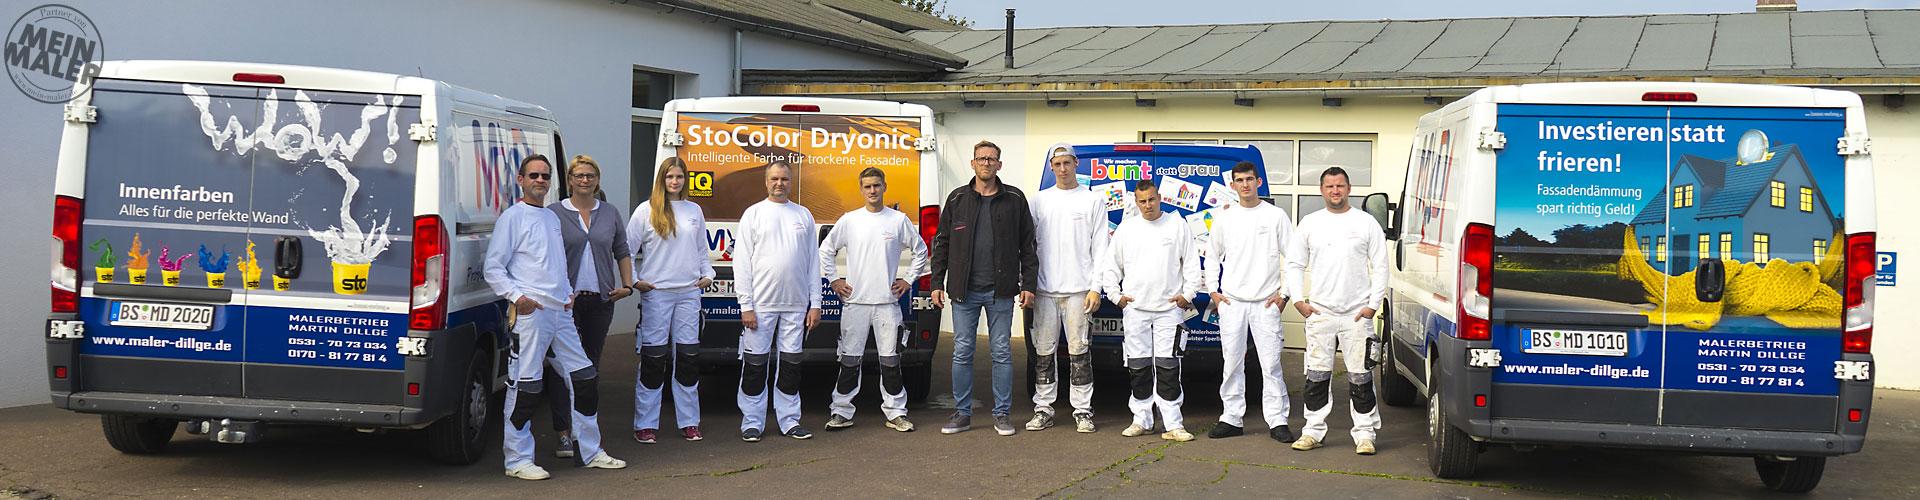 Malerbetrieb Martin Dillge - Dein Lieblingsmaler in Braunschweig